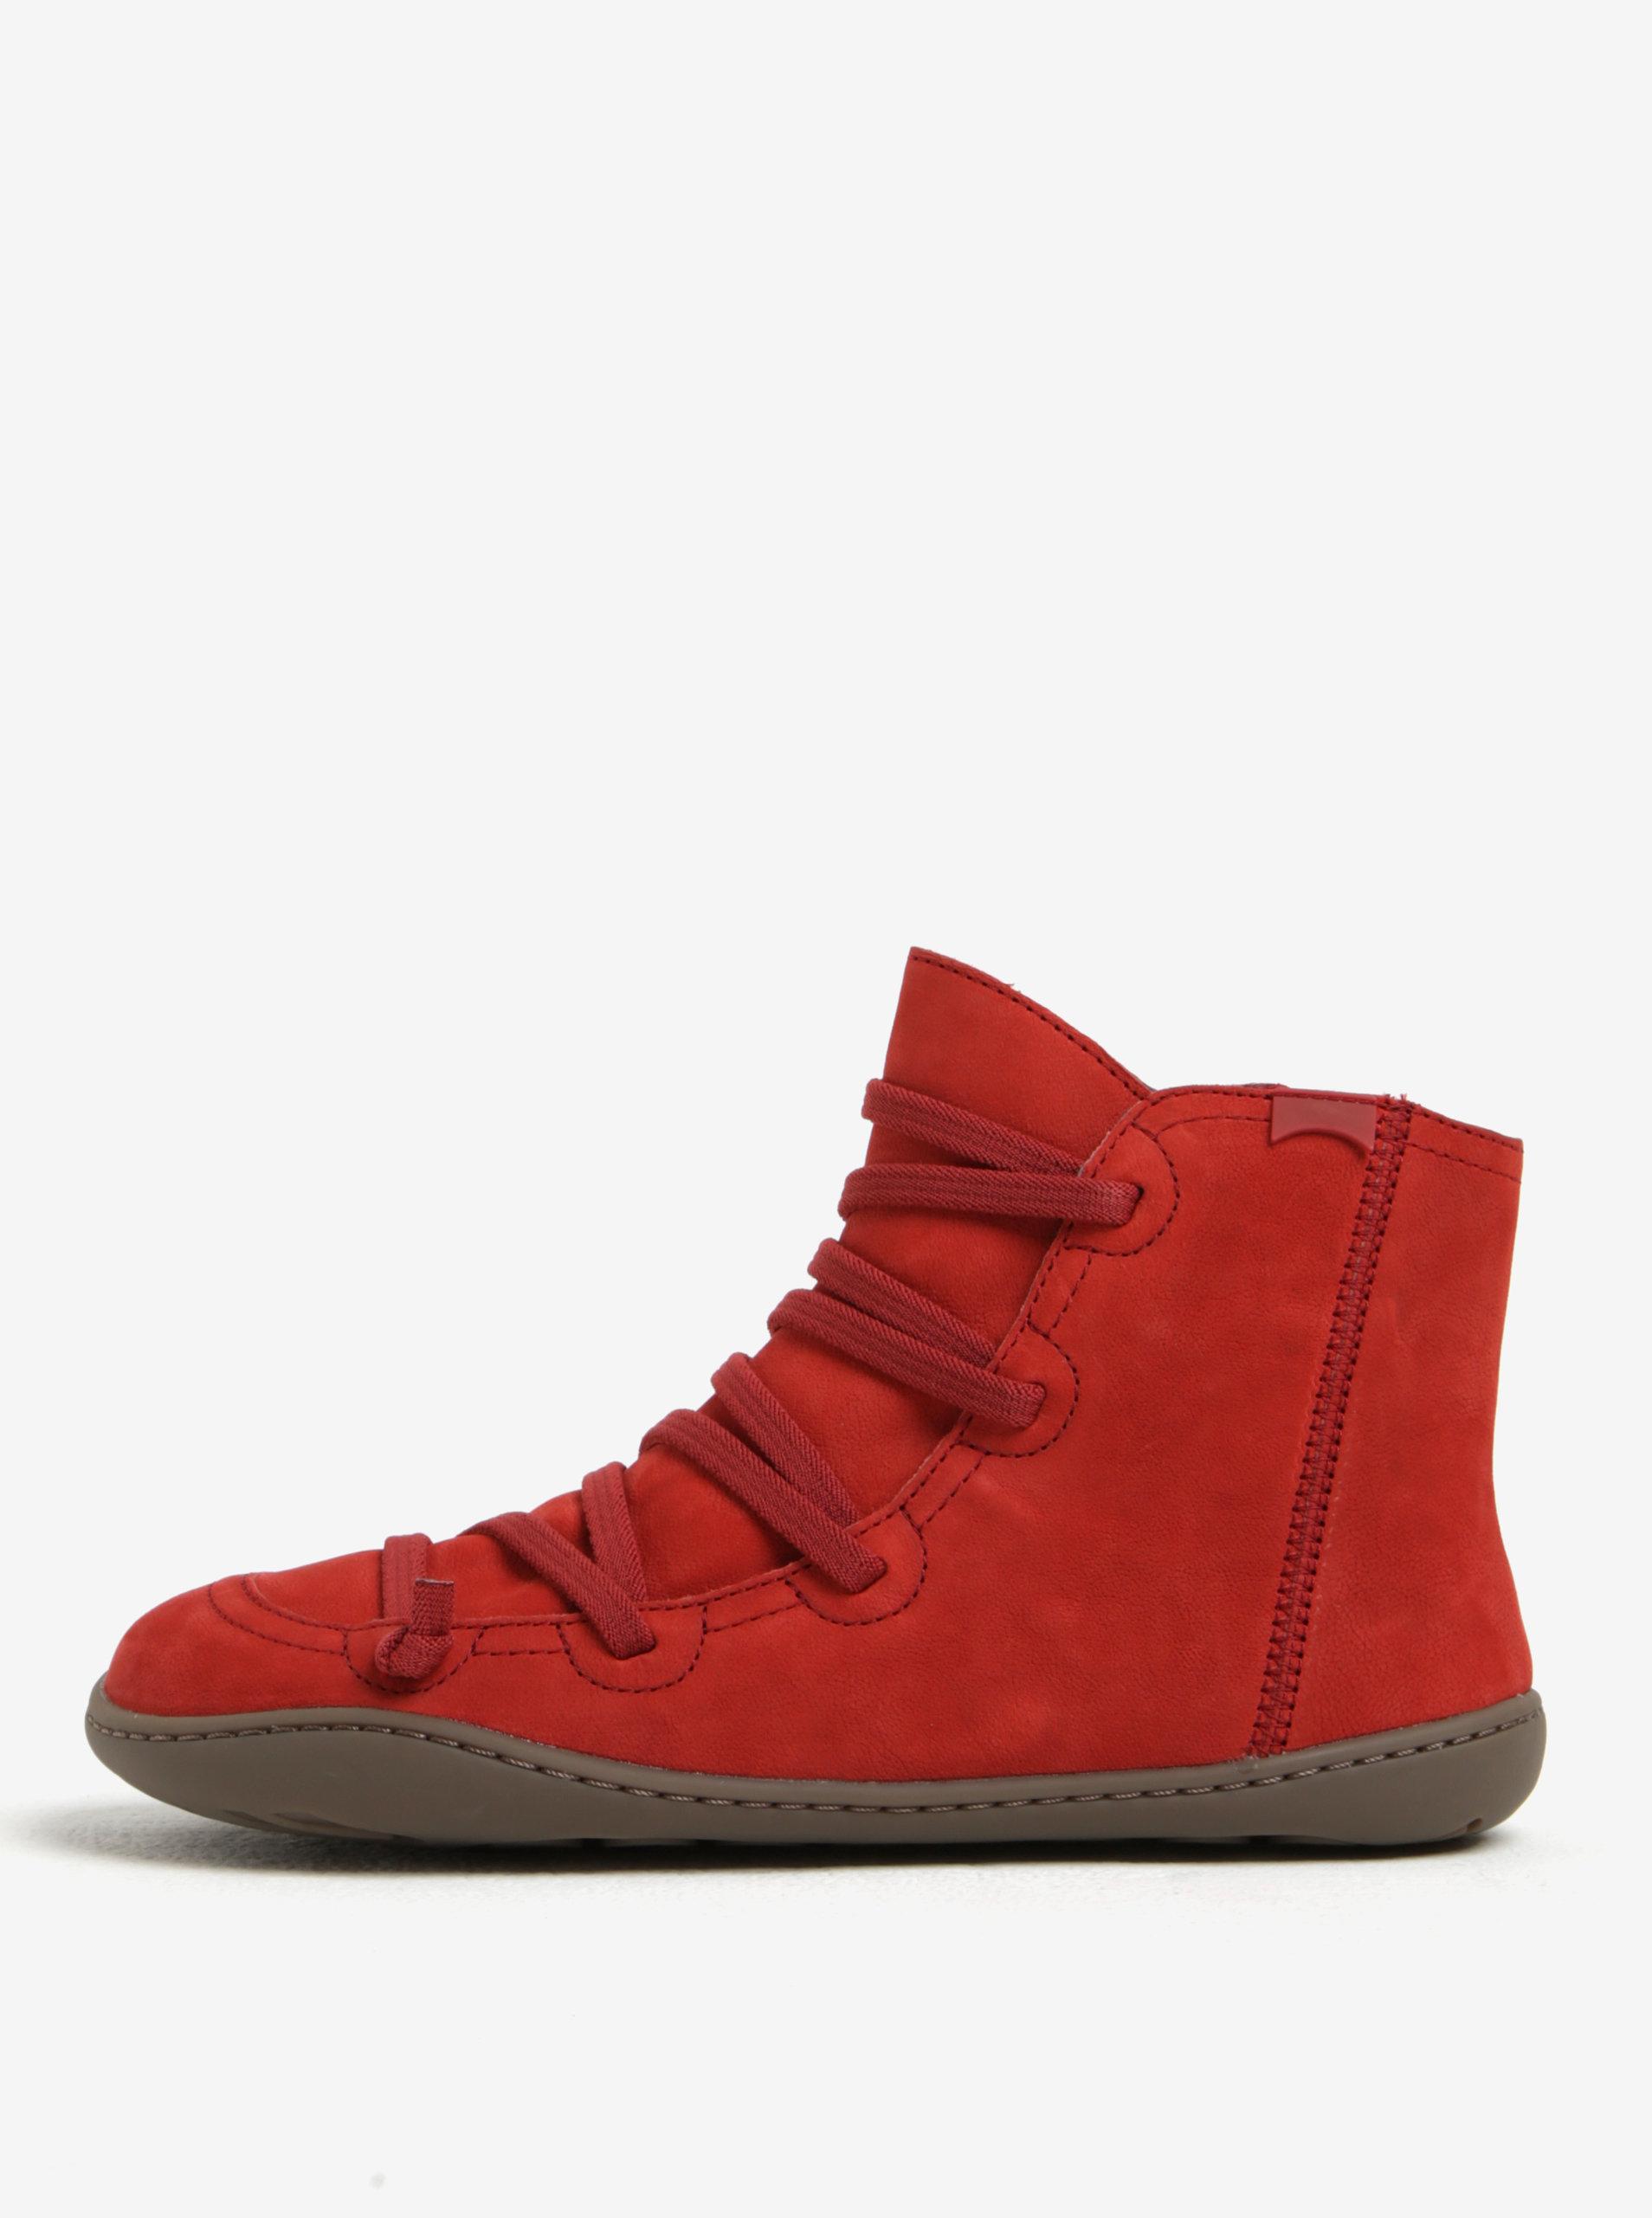 Červené dámske kožené členkové topánky so šnurovaním Camper ... 0e8ab7a2511